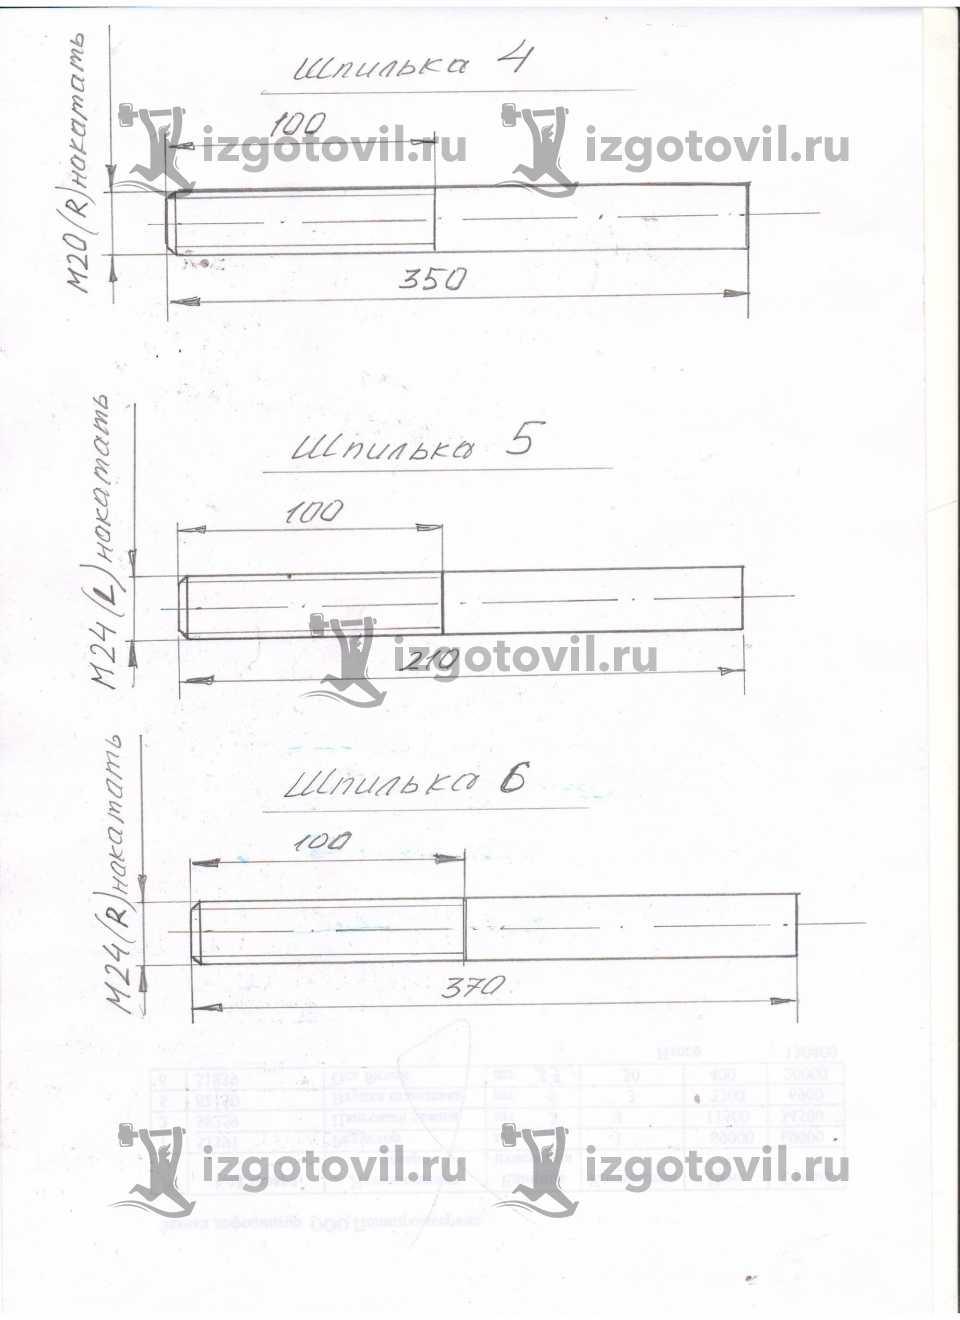 Токарная обработка ЧПУ - изготовить шпильки